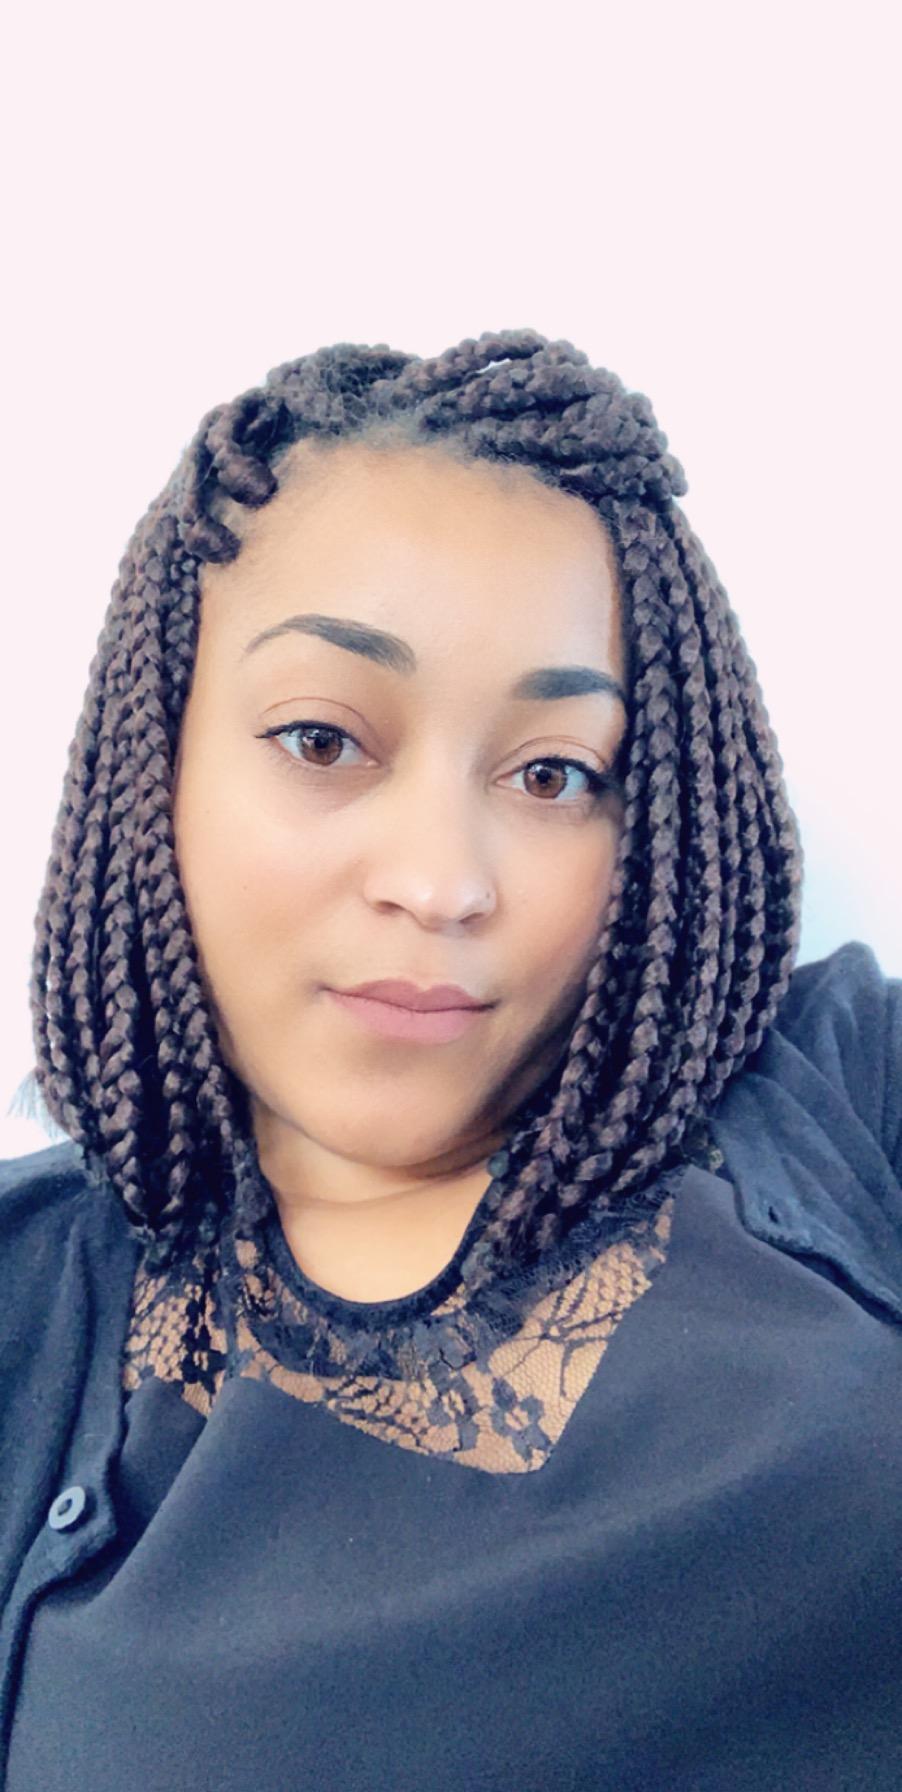 salon de coiffure afro tresse tresses box braids crochet braids vanilles tissages paris 75 77 78 91 92 93 94 95 LLWNQZDV